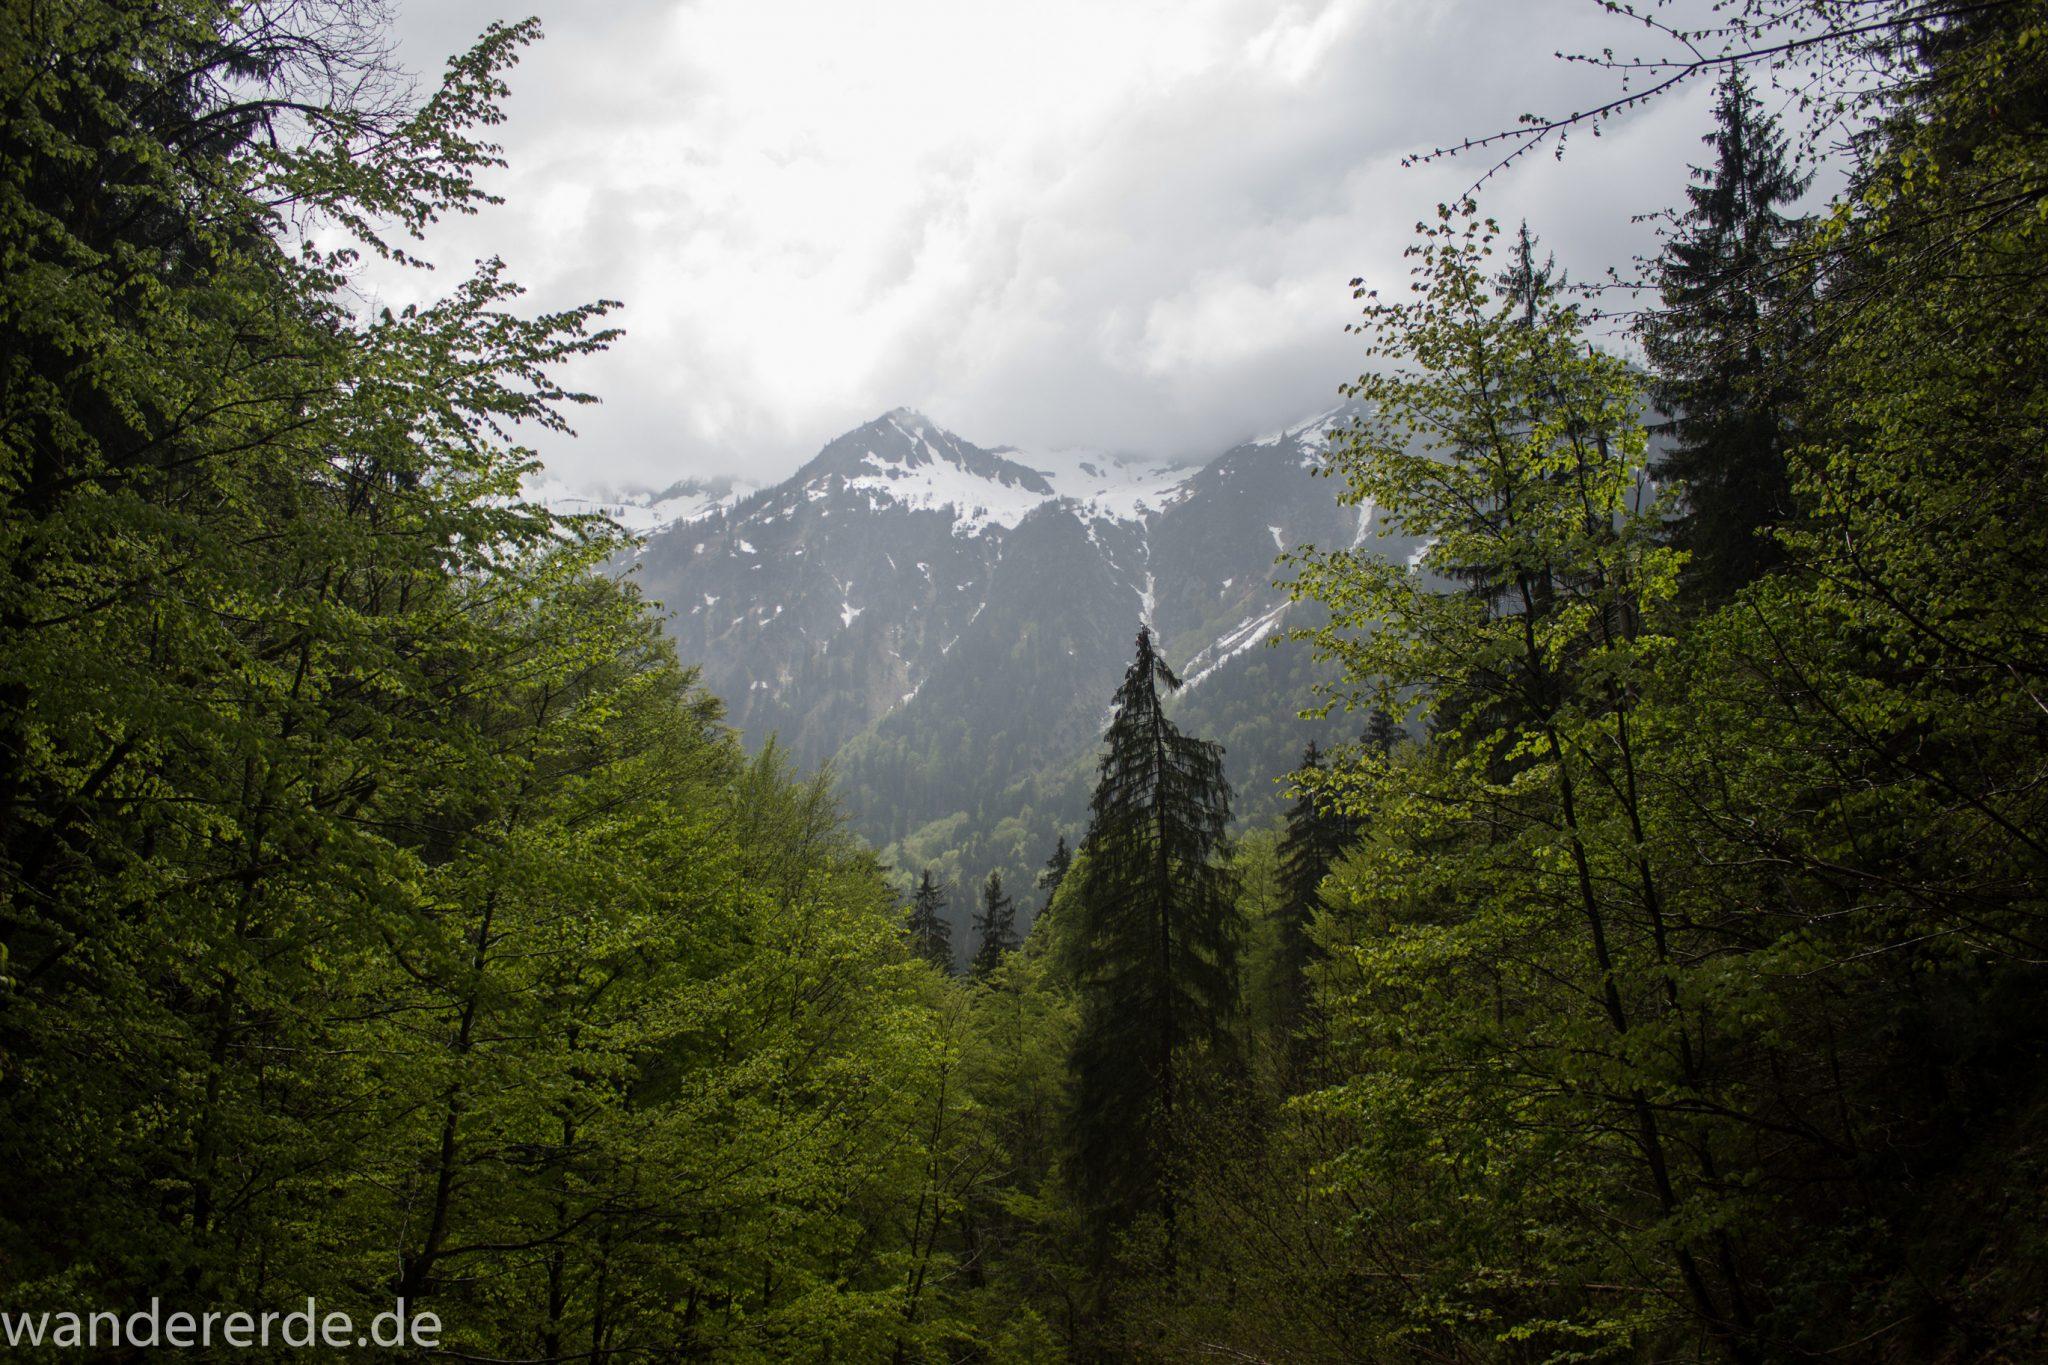 Wanderung Oberstdorf nach Gerstruben im Allgäu, Bayern, Wanderweg durch das Trettachtal, Aussicht auf schneebedeckte Berge, sattgrüne schöne Bäume und  Wiesen, Frühling in den Bergen